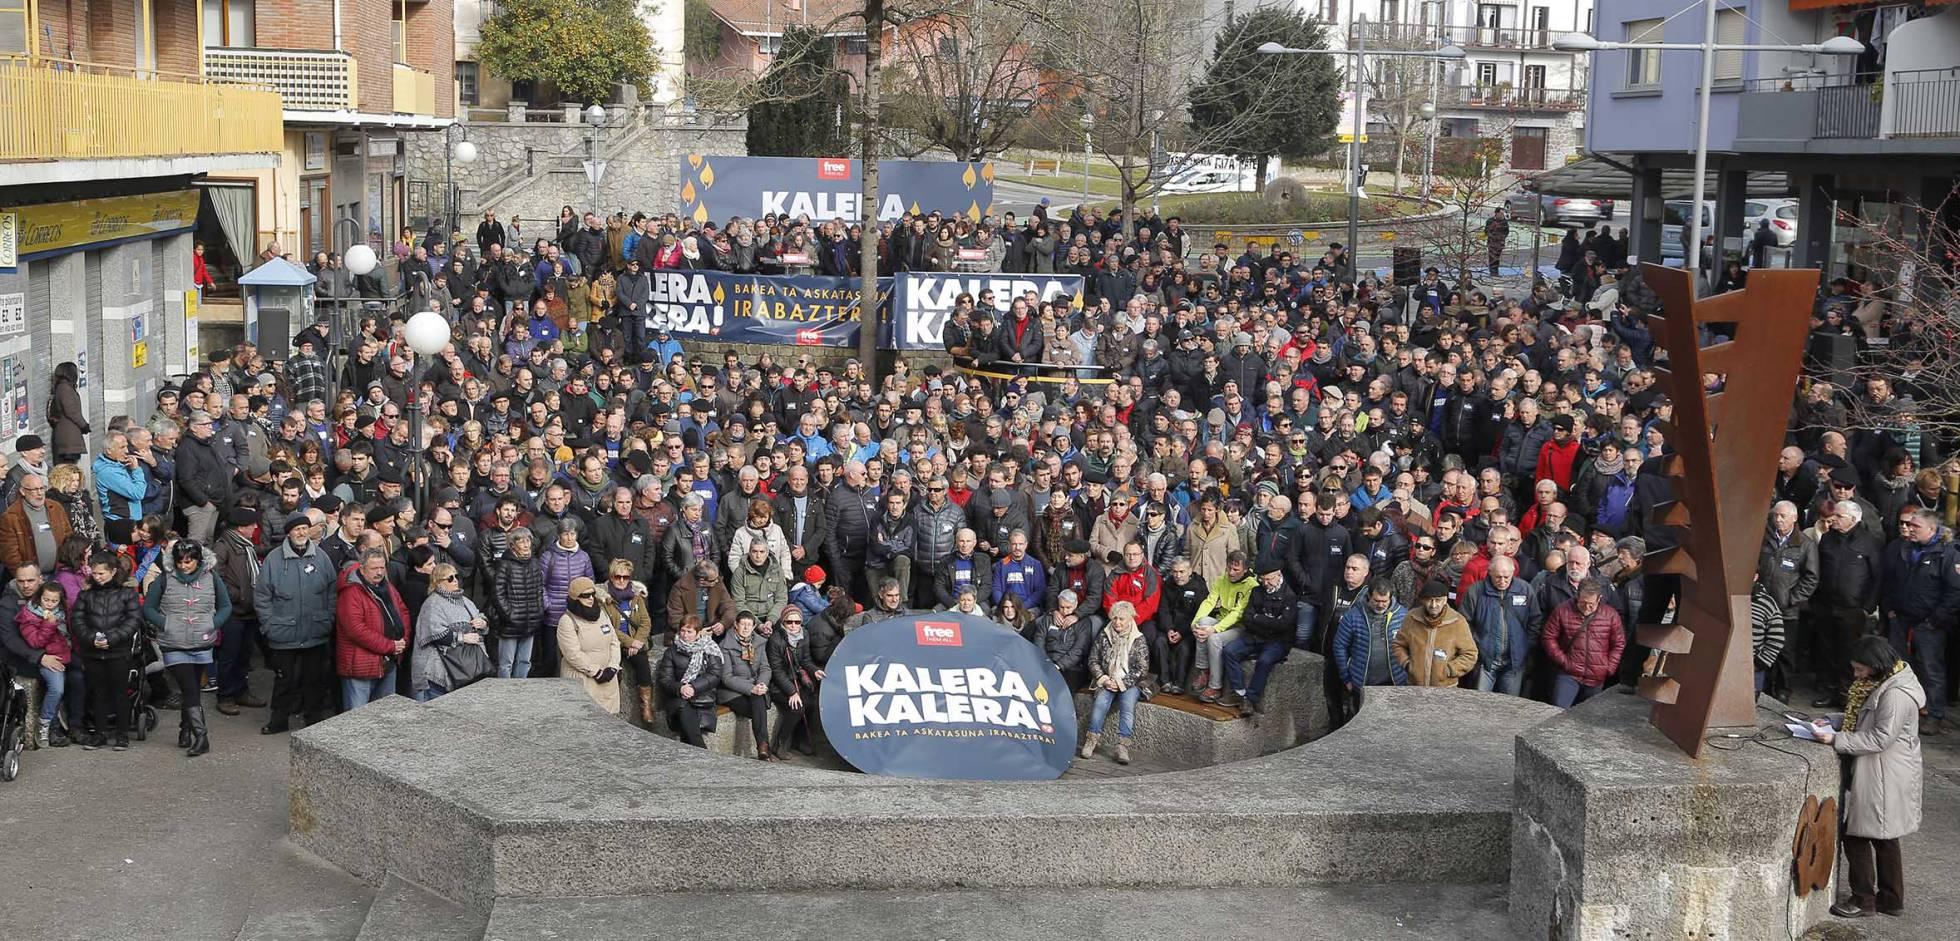 """Euskal Herria: Una multitud exige """"respeto a los derechos"""" de presos y exiliados. [vídeo] - Página 3 1483878418_903537_1483882048_noticia_normal_recorte1"""